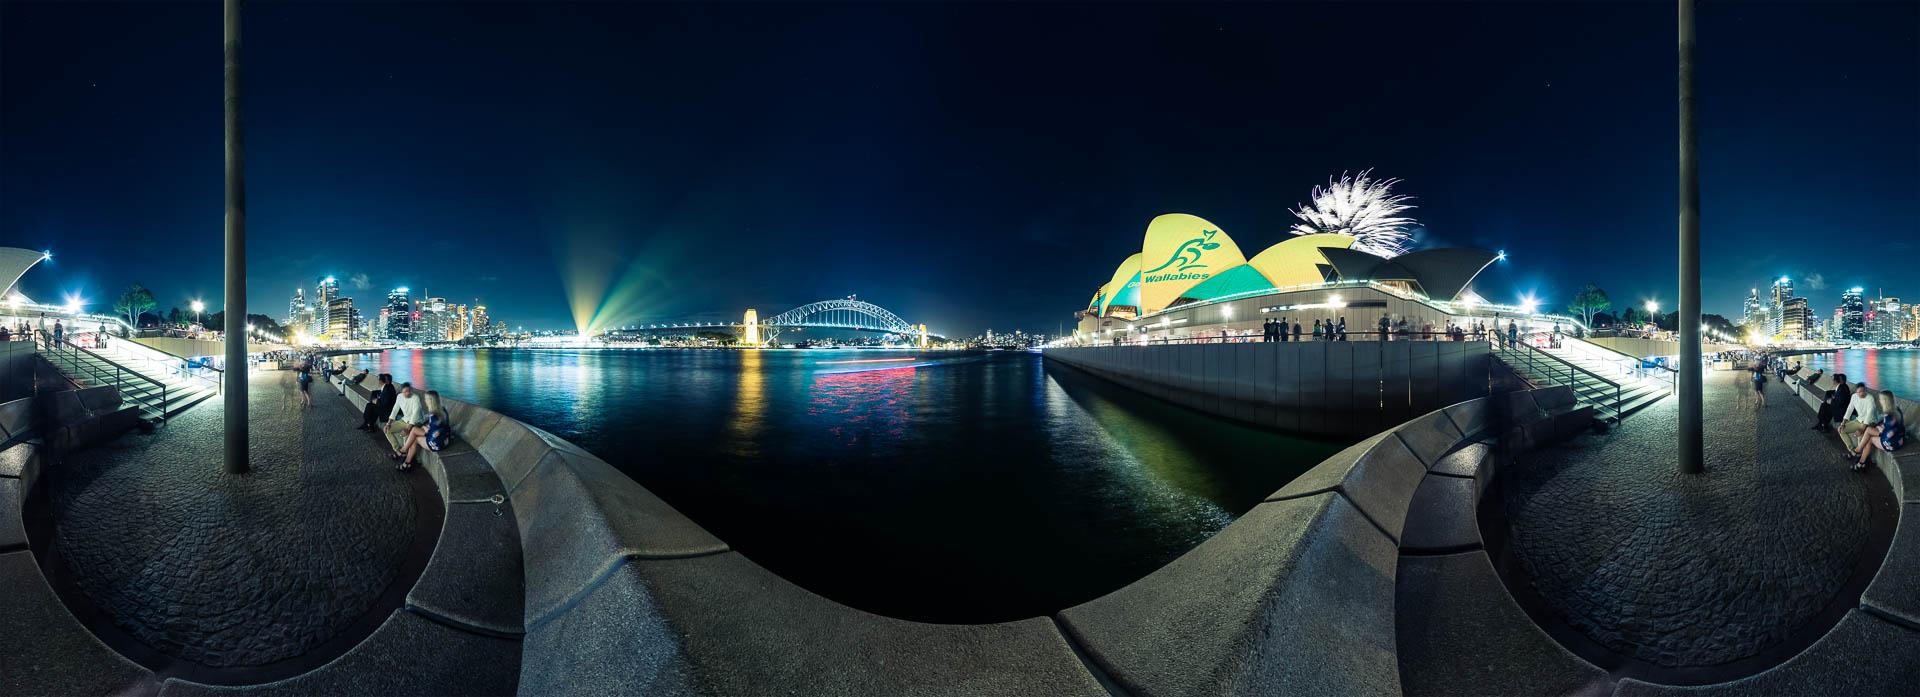 Sydney Opera House by Tobi Bohn Panorama 360 Fotografaustralien-tobibohn-02